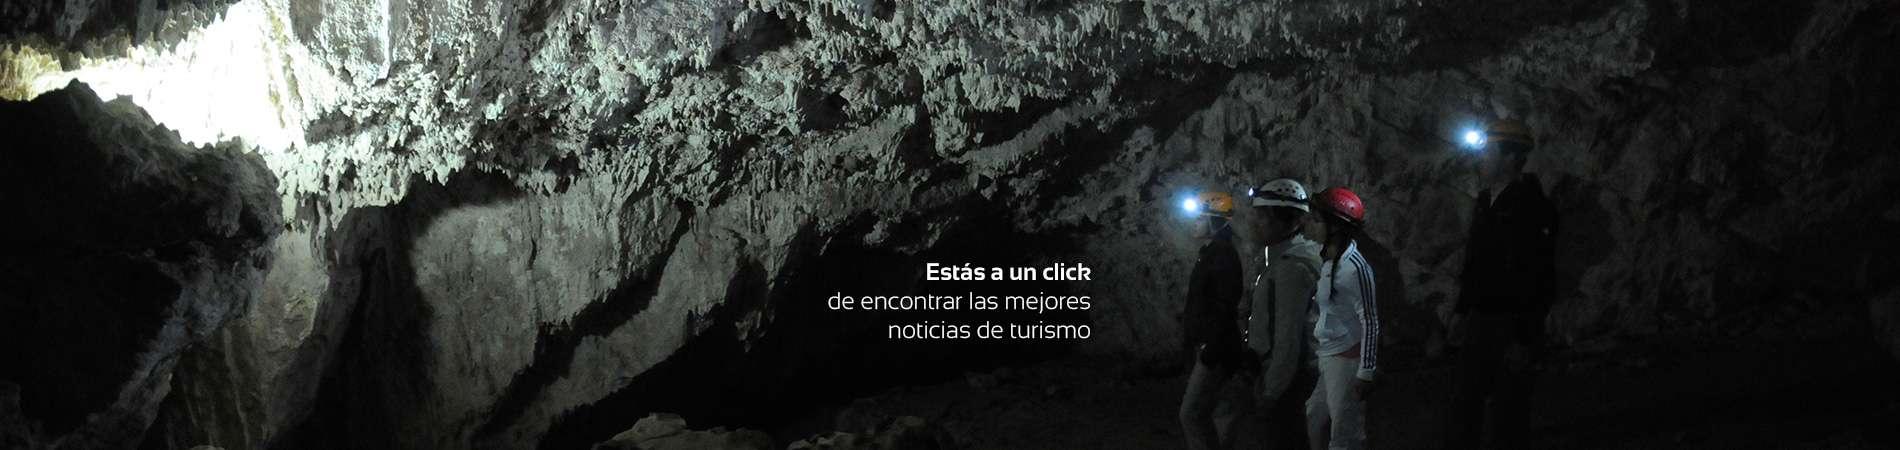 caverna brujas